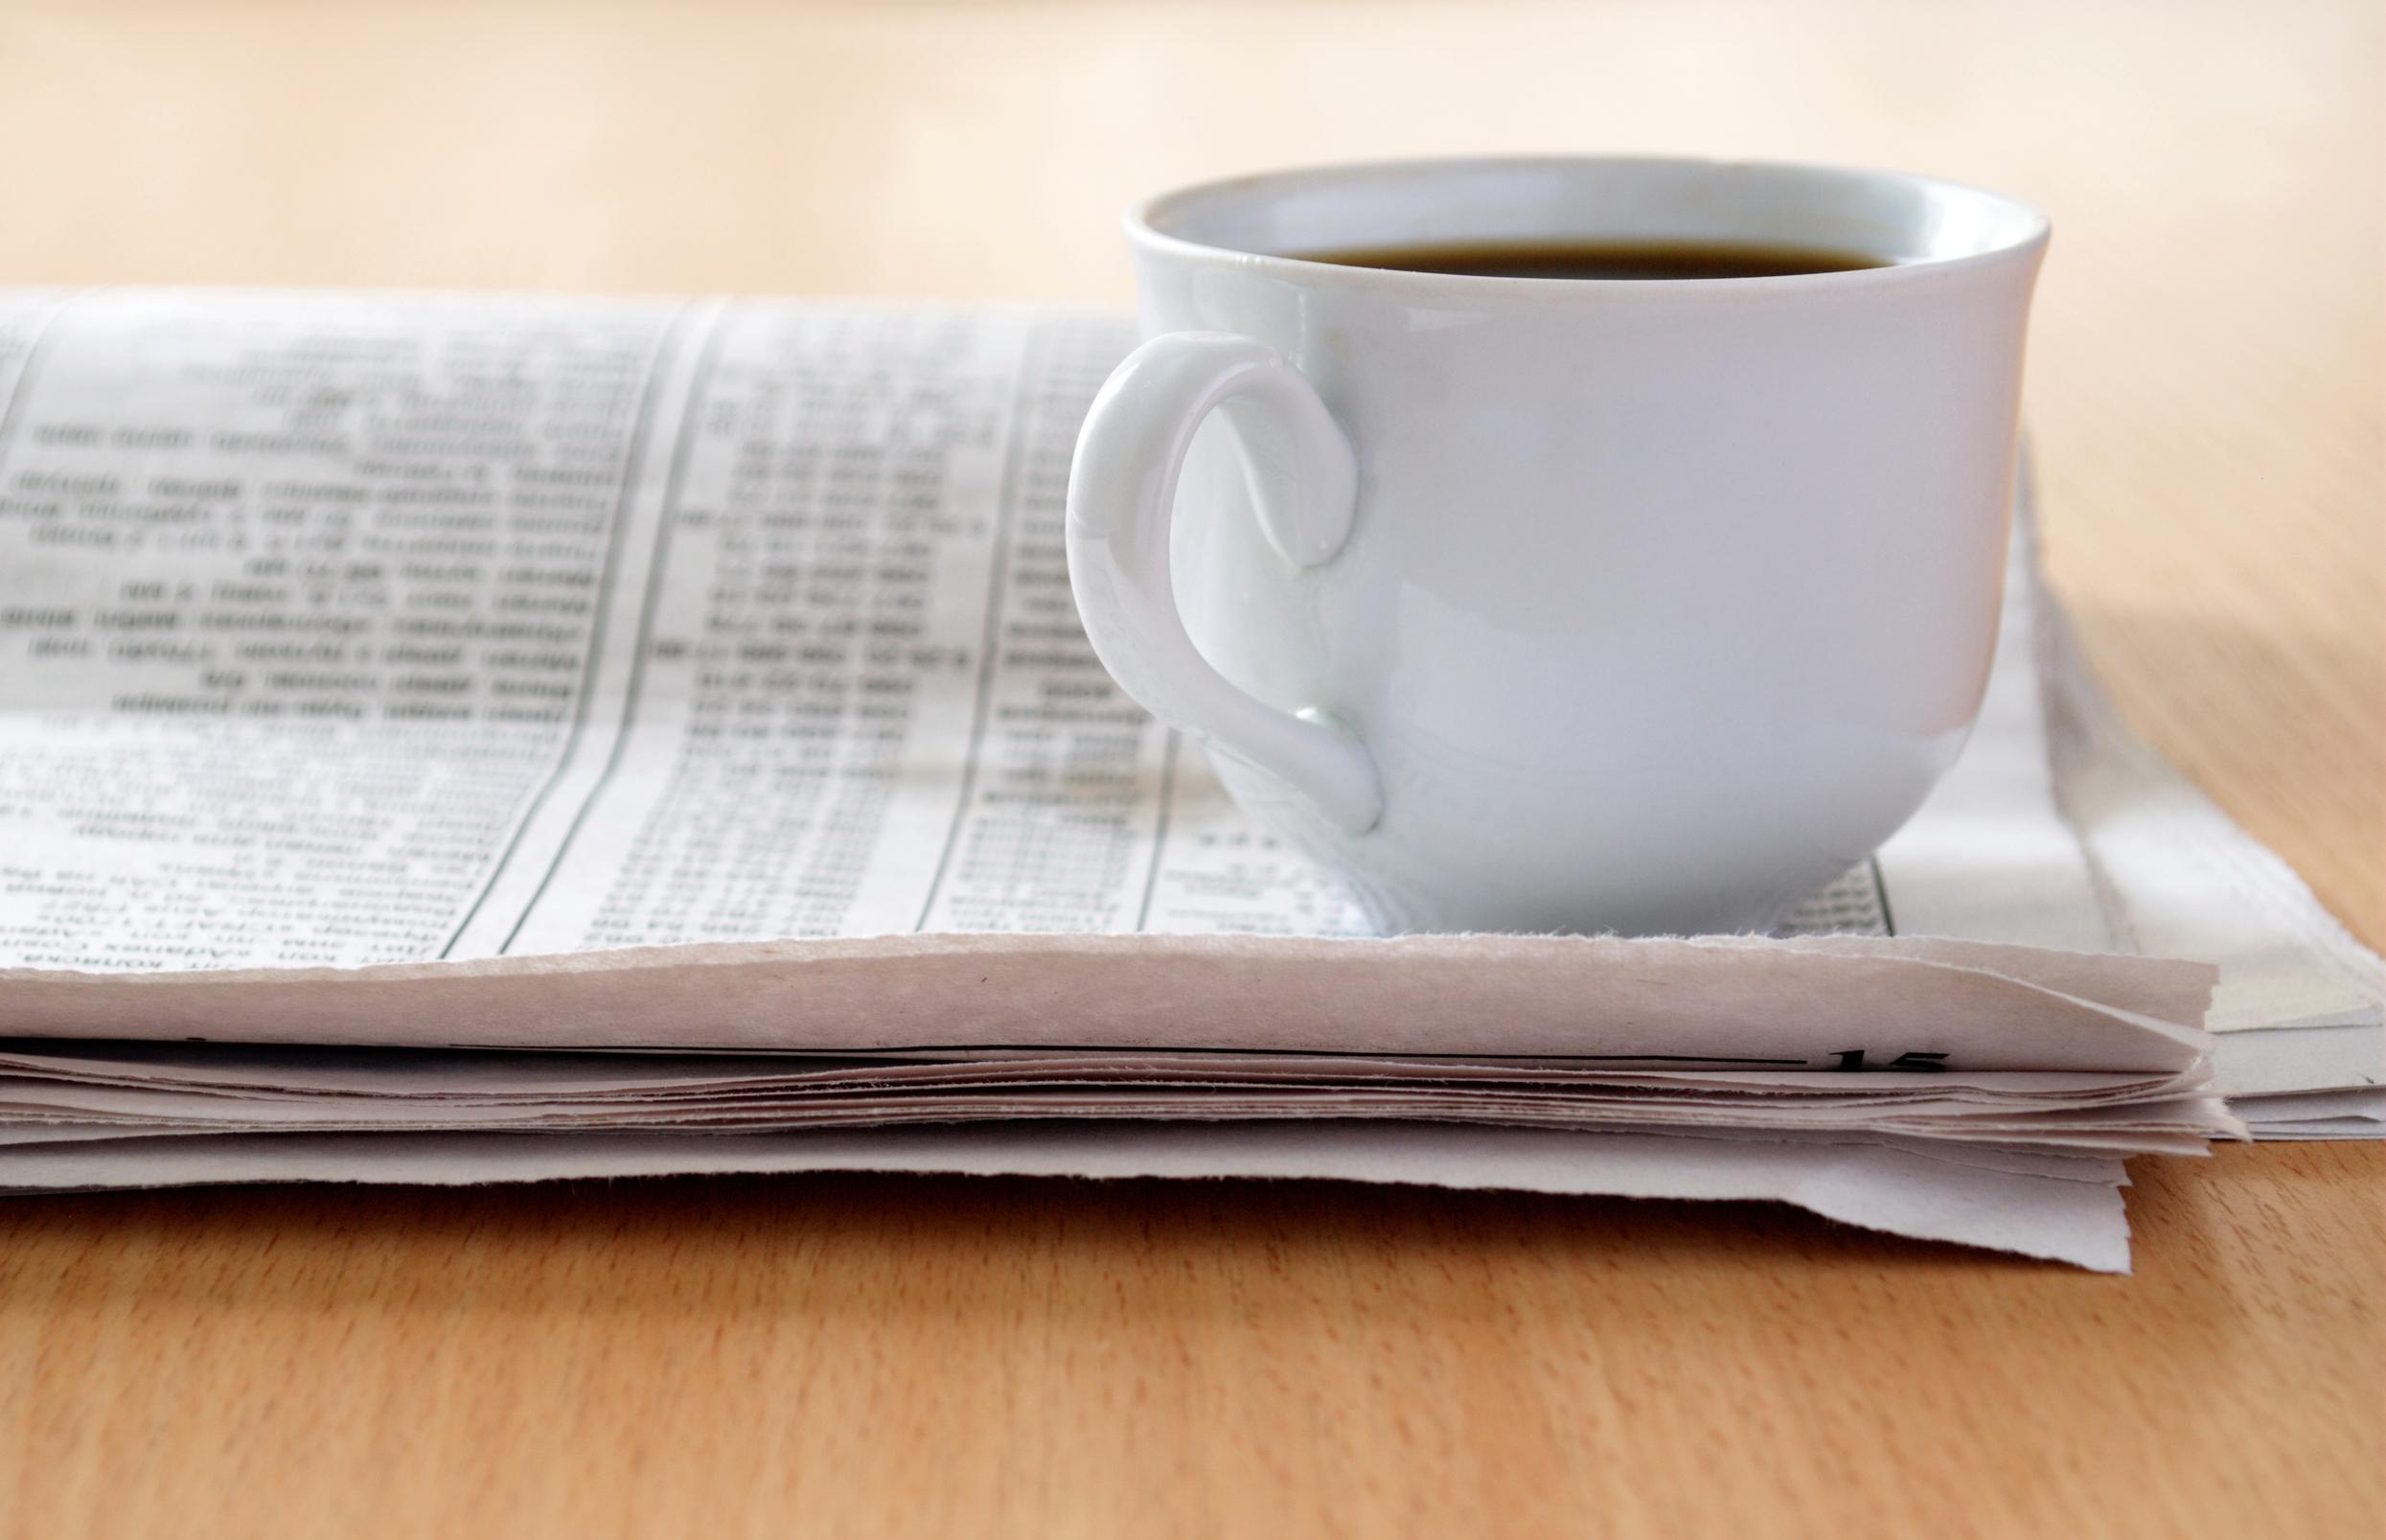 Næste skridt - Vil du videre i dine overvejelser omkring køb eller salg af virksomhed? Det starter med en kop kaffe…